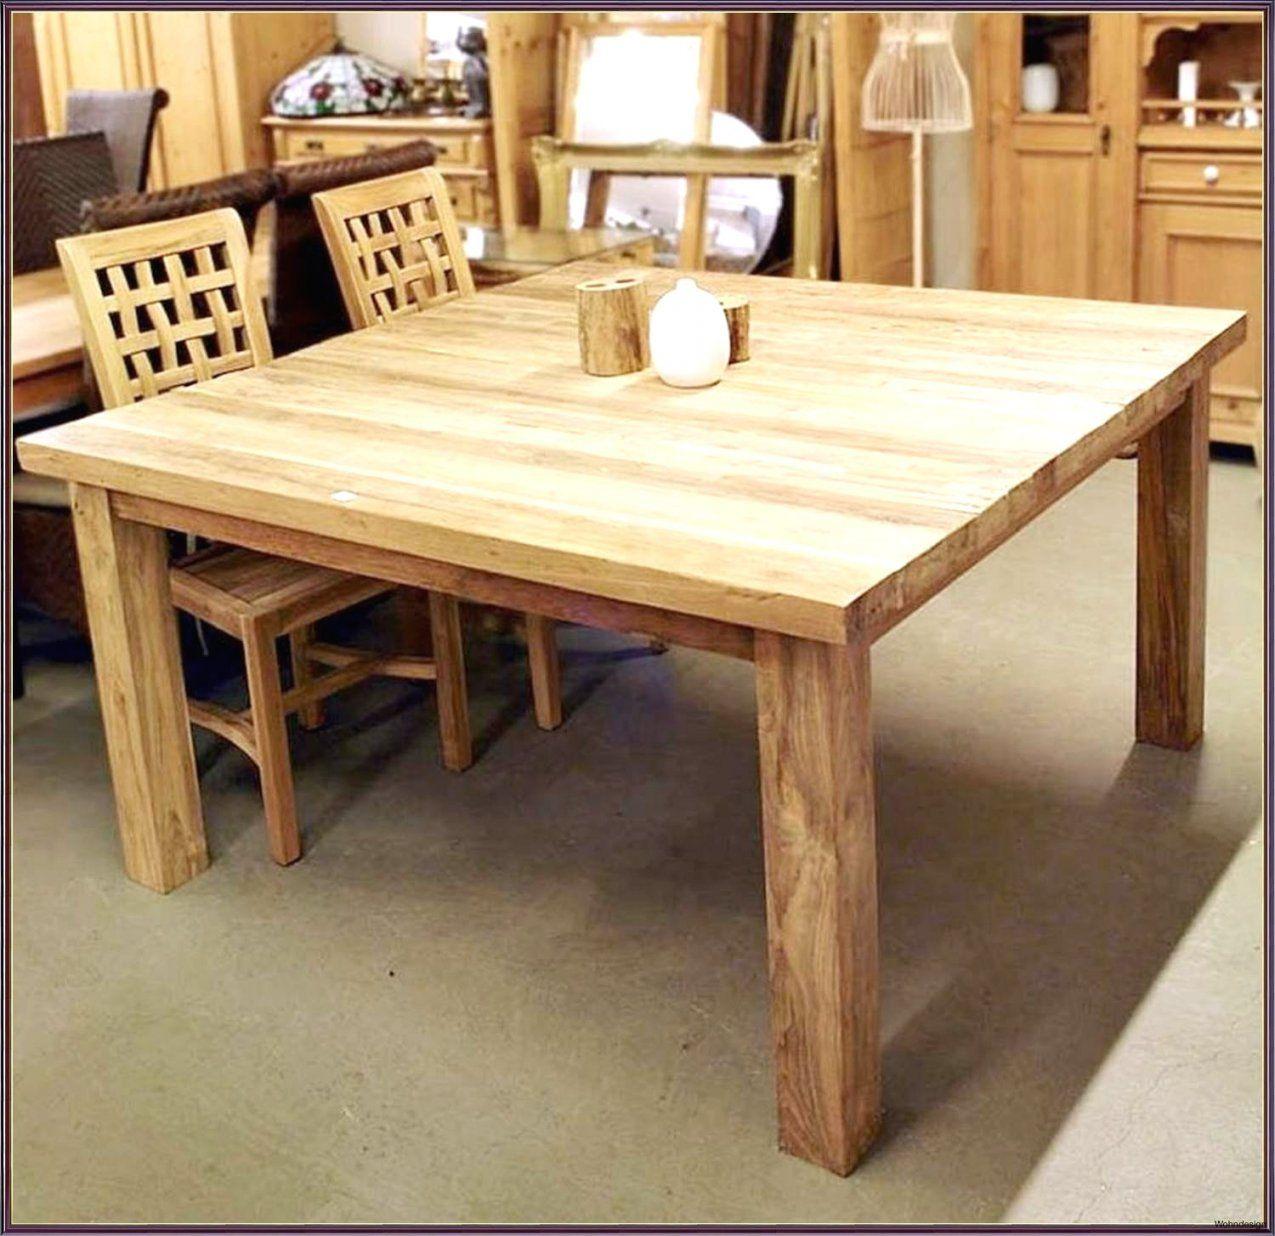 Eckbank 8 Personen Mit Tisch Wohndesign Rund Maße Jitiz 18 Und von Tisch Für 8 Personen Photo